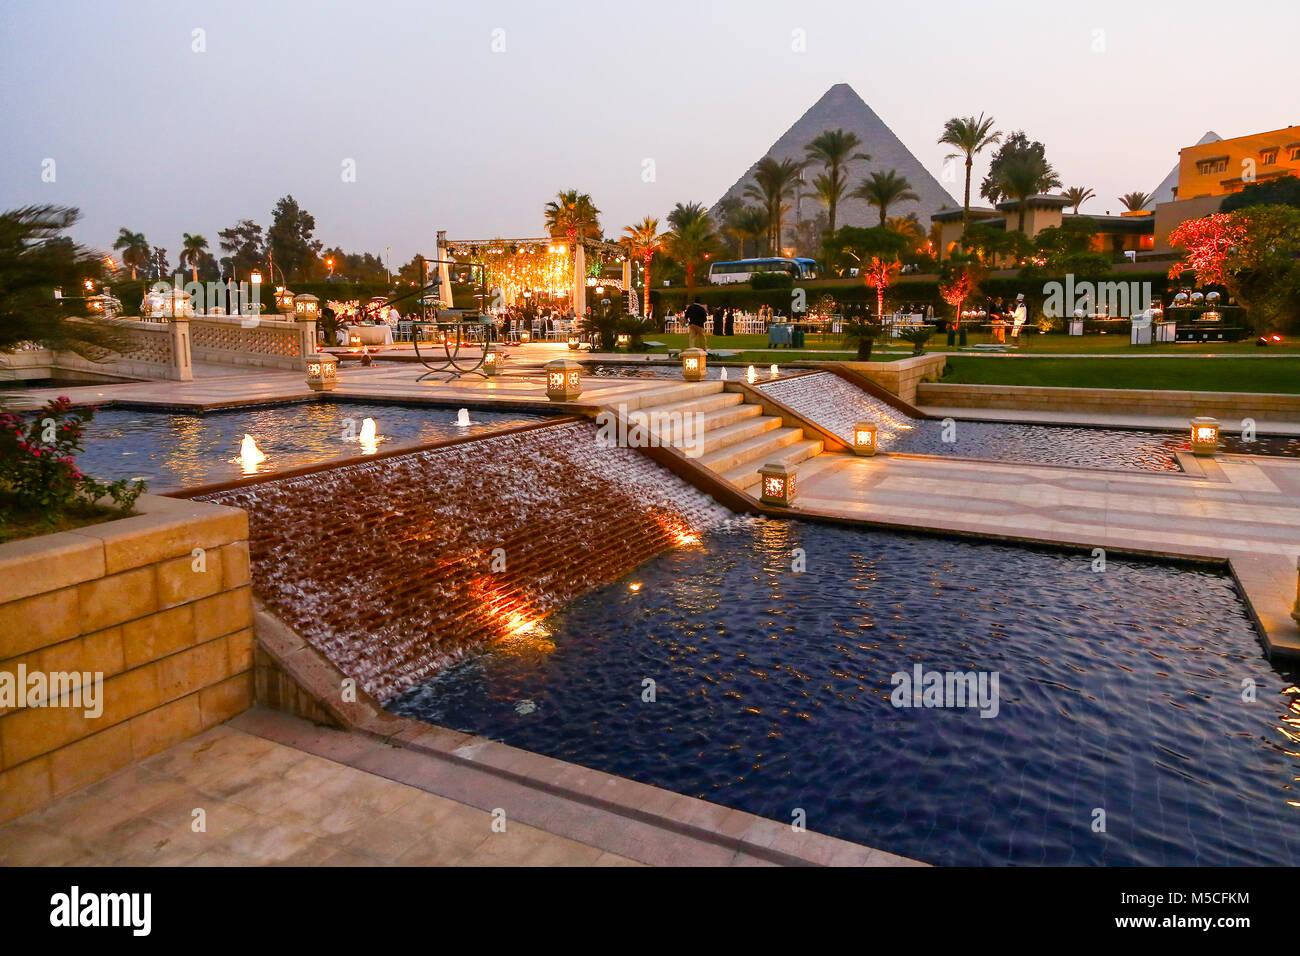 La sera o la notte vista della Mena House Hotel, con le piramidi in background, Giza, Cairo, Egitto, Nord Africa Immagini Stock